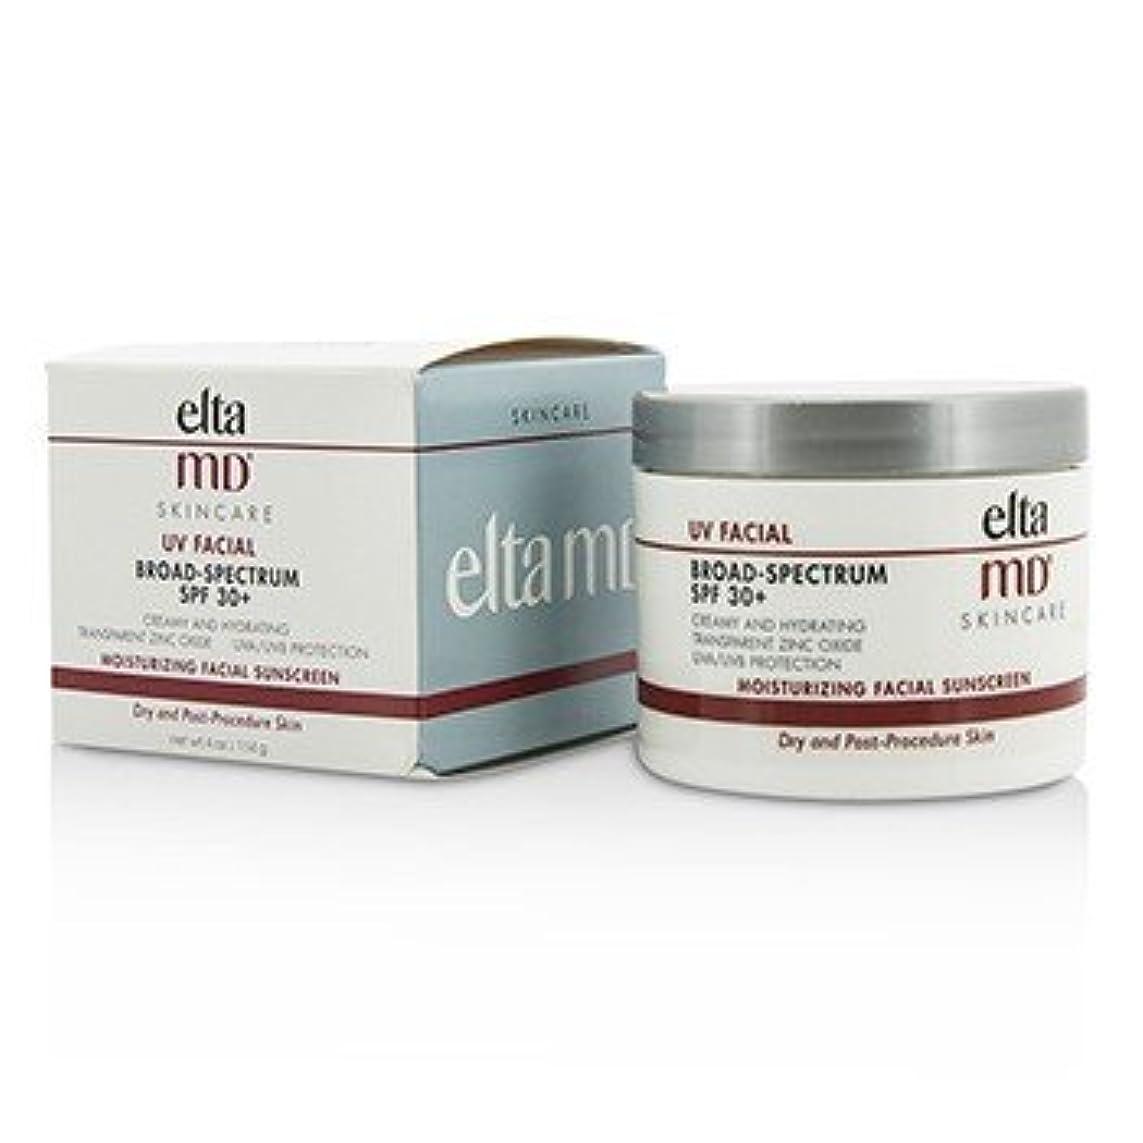 宇宙でる奨励します[EltaMD] UV Facial Moisturizing Facial Sunscreen SPF 30 - For Dry & Post Procedure Skin 114g/4oz